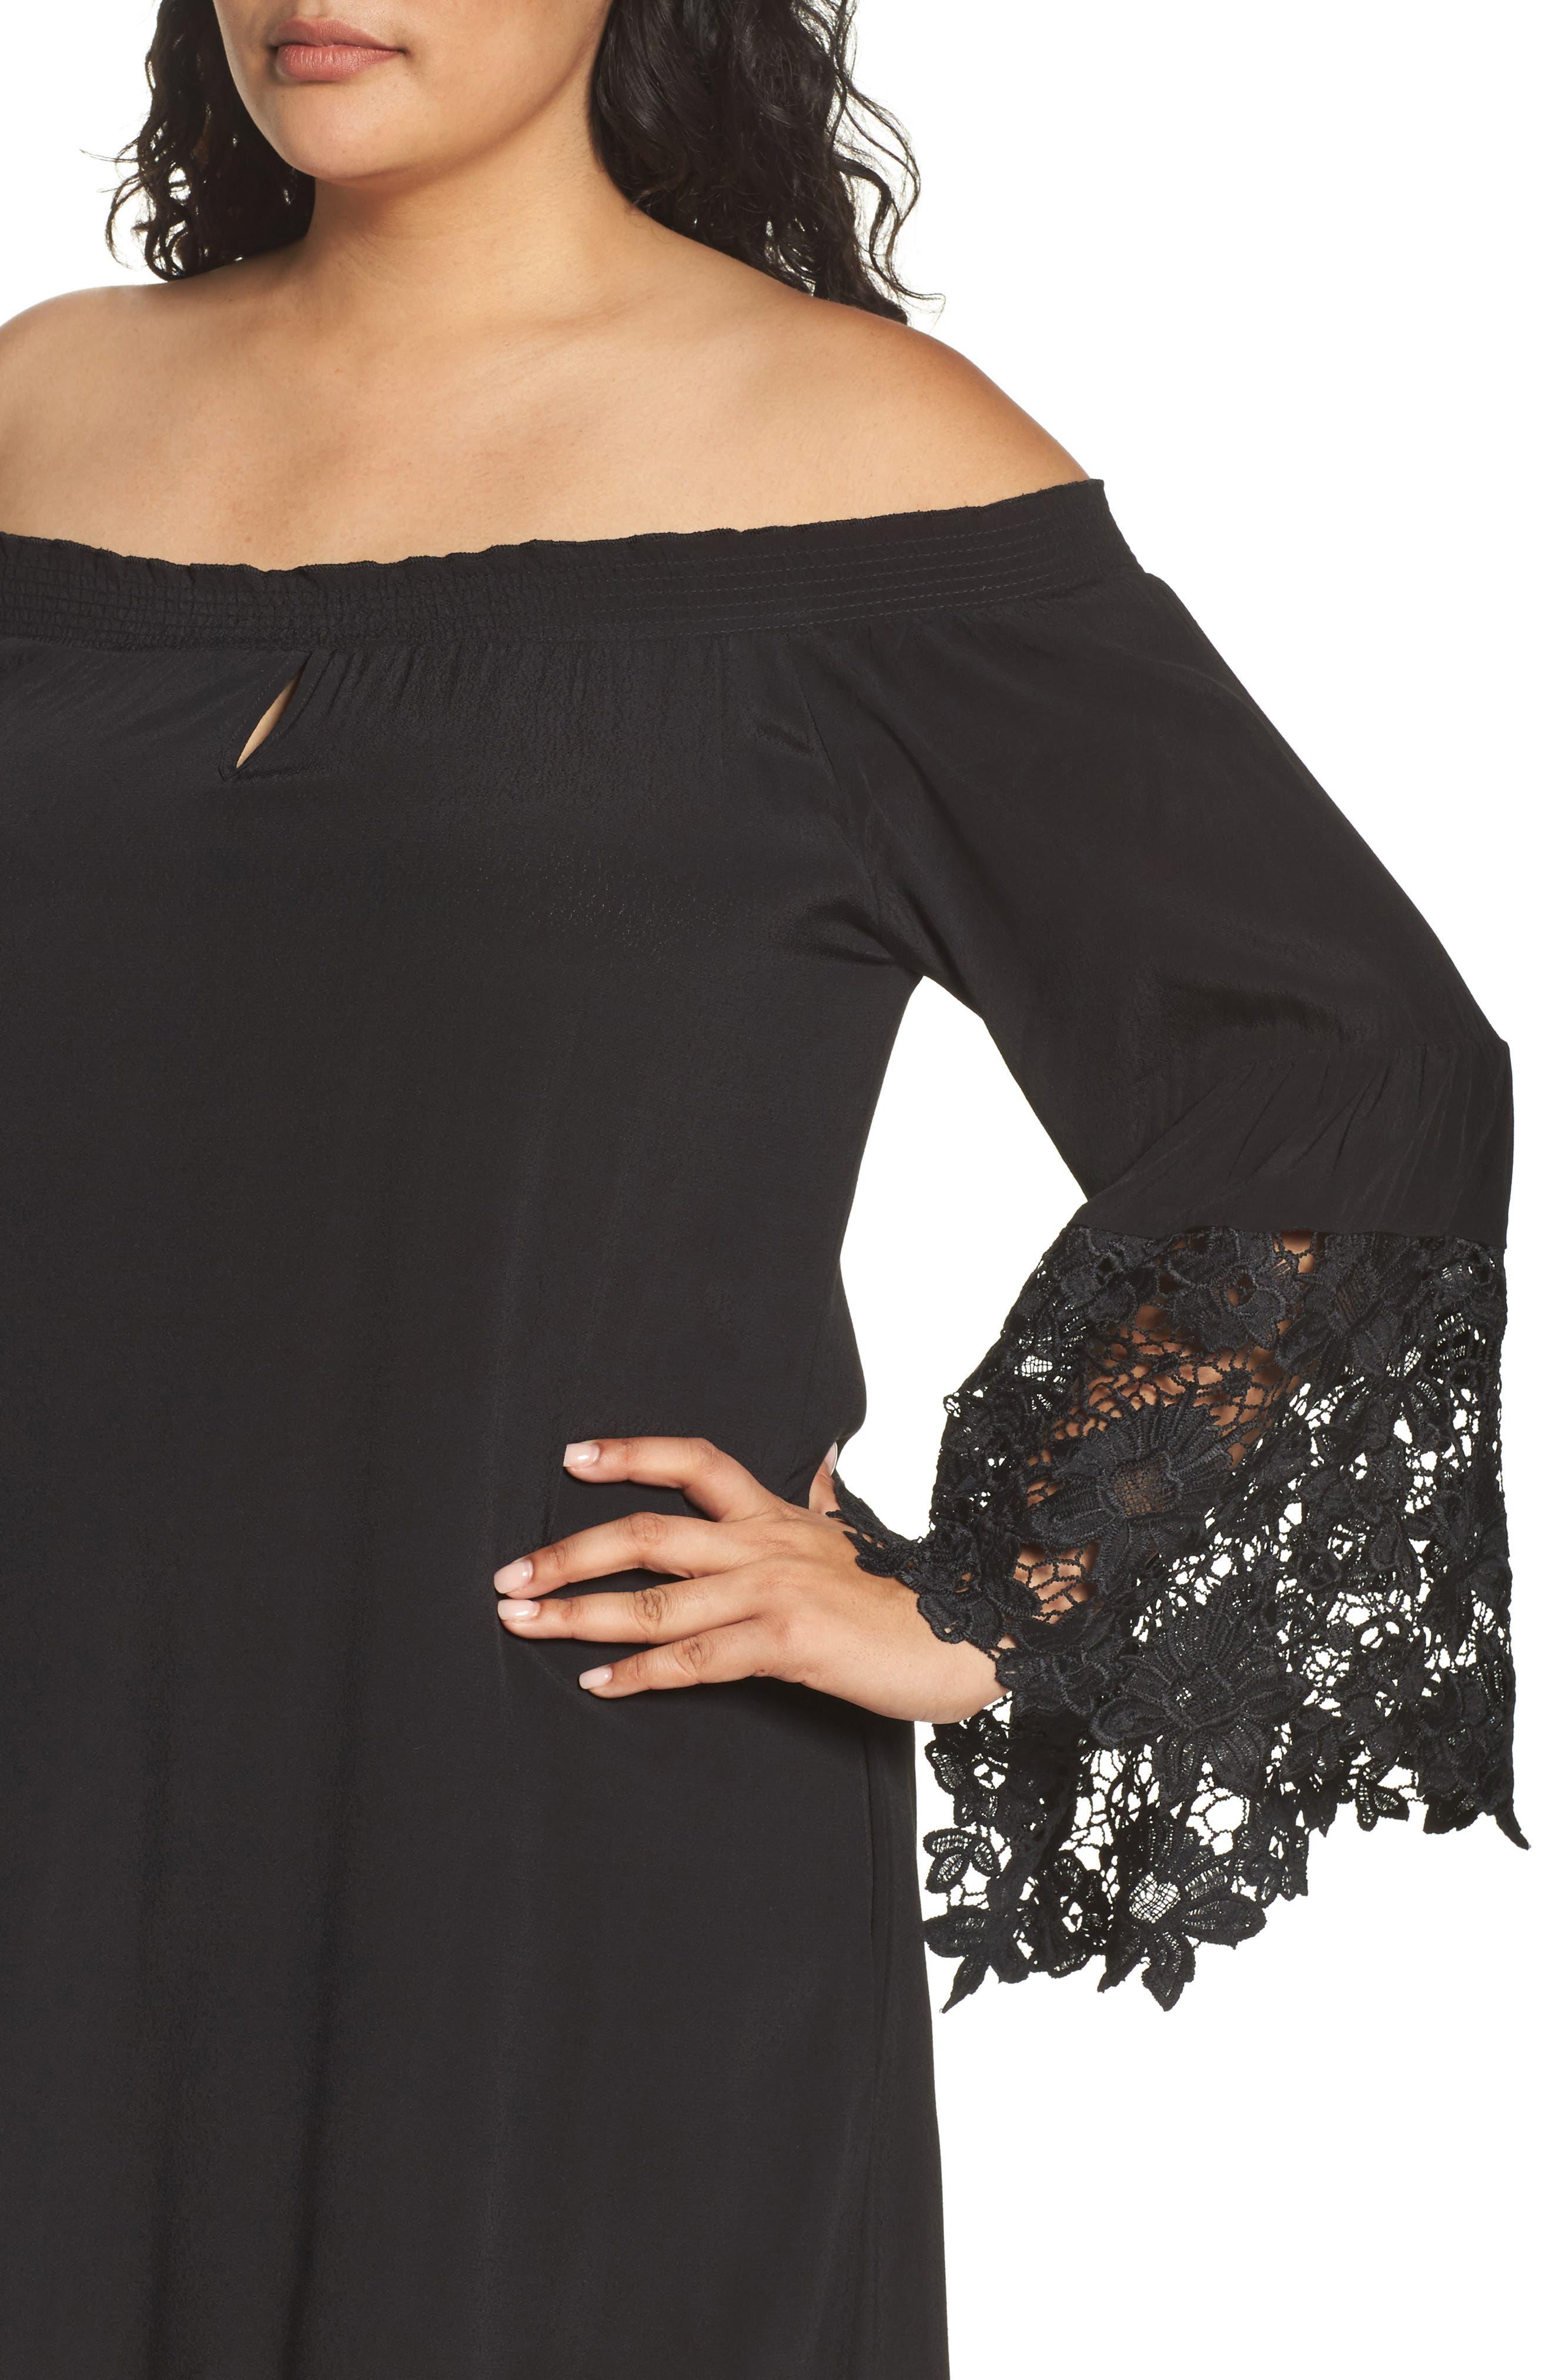 Alternate Image 3  - Muche et Muchette Jolie Lace Accent Cover-Up Dress (Plus-Size)